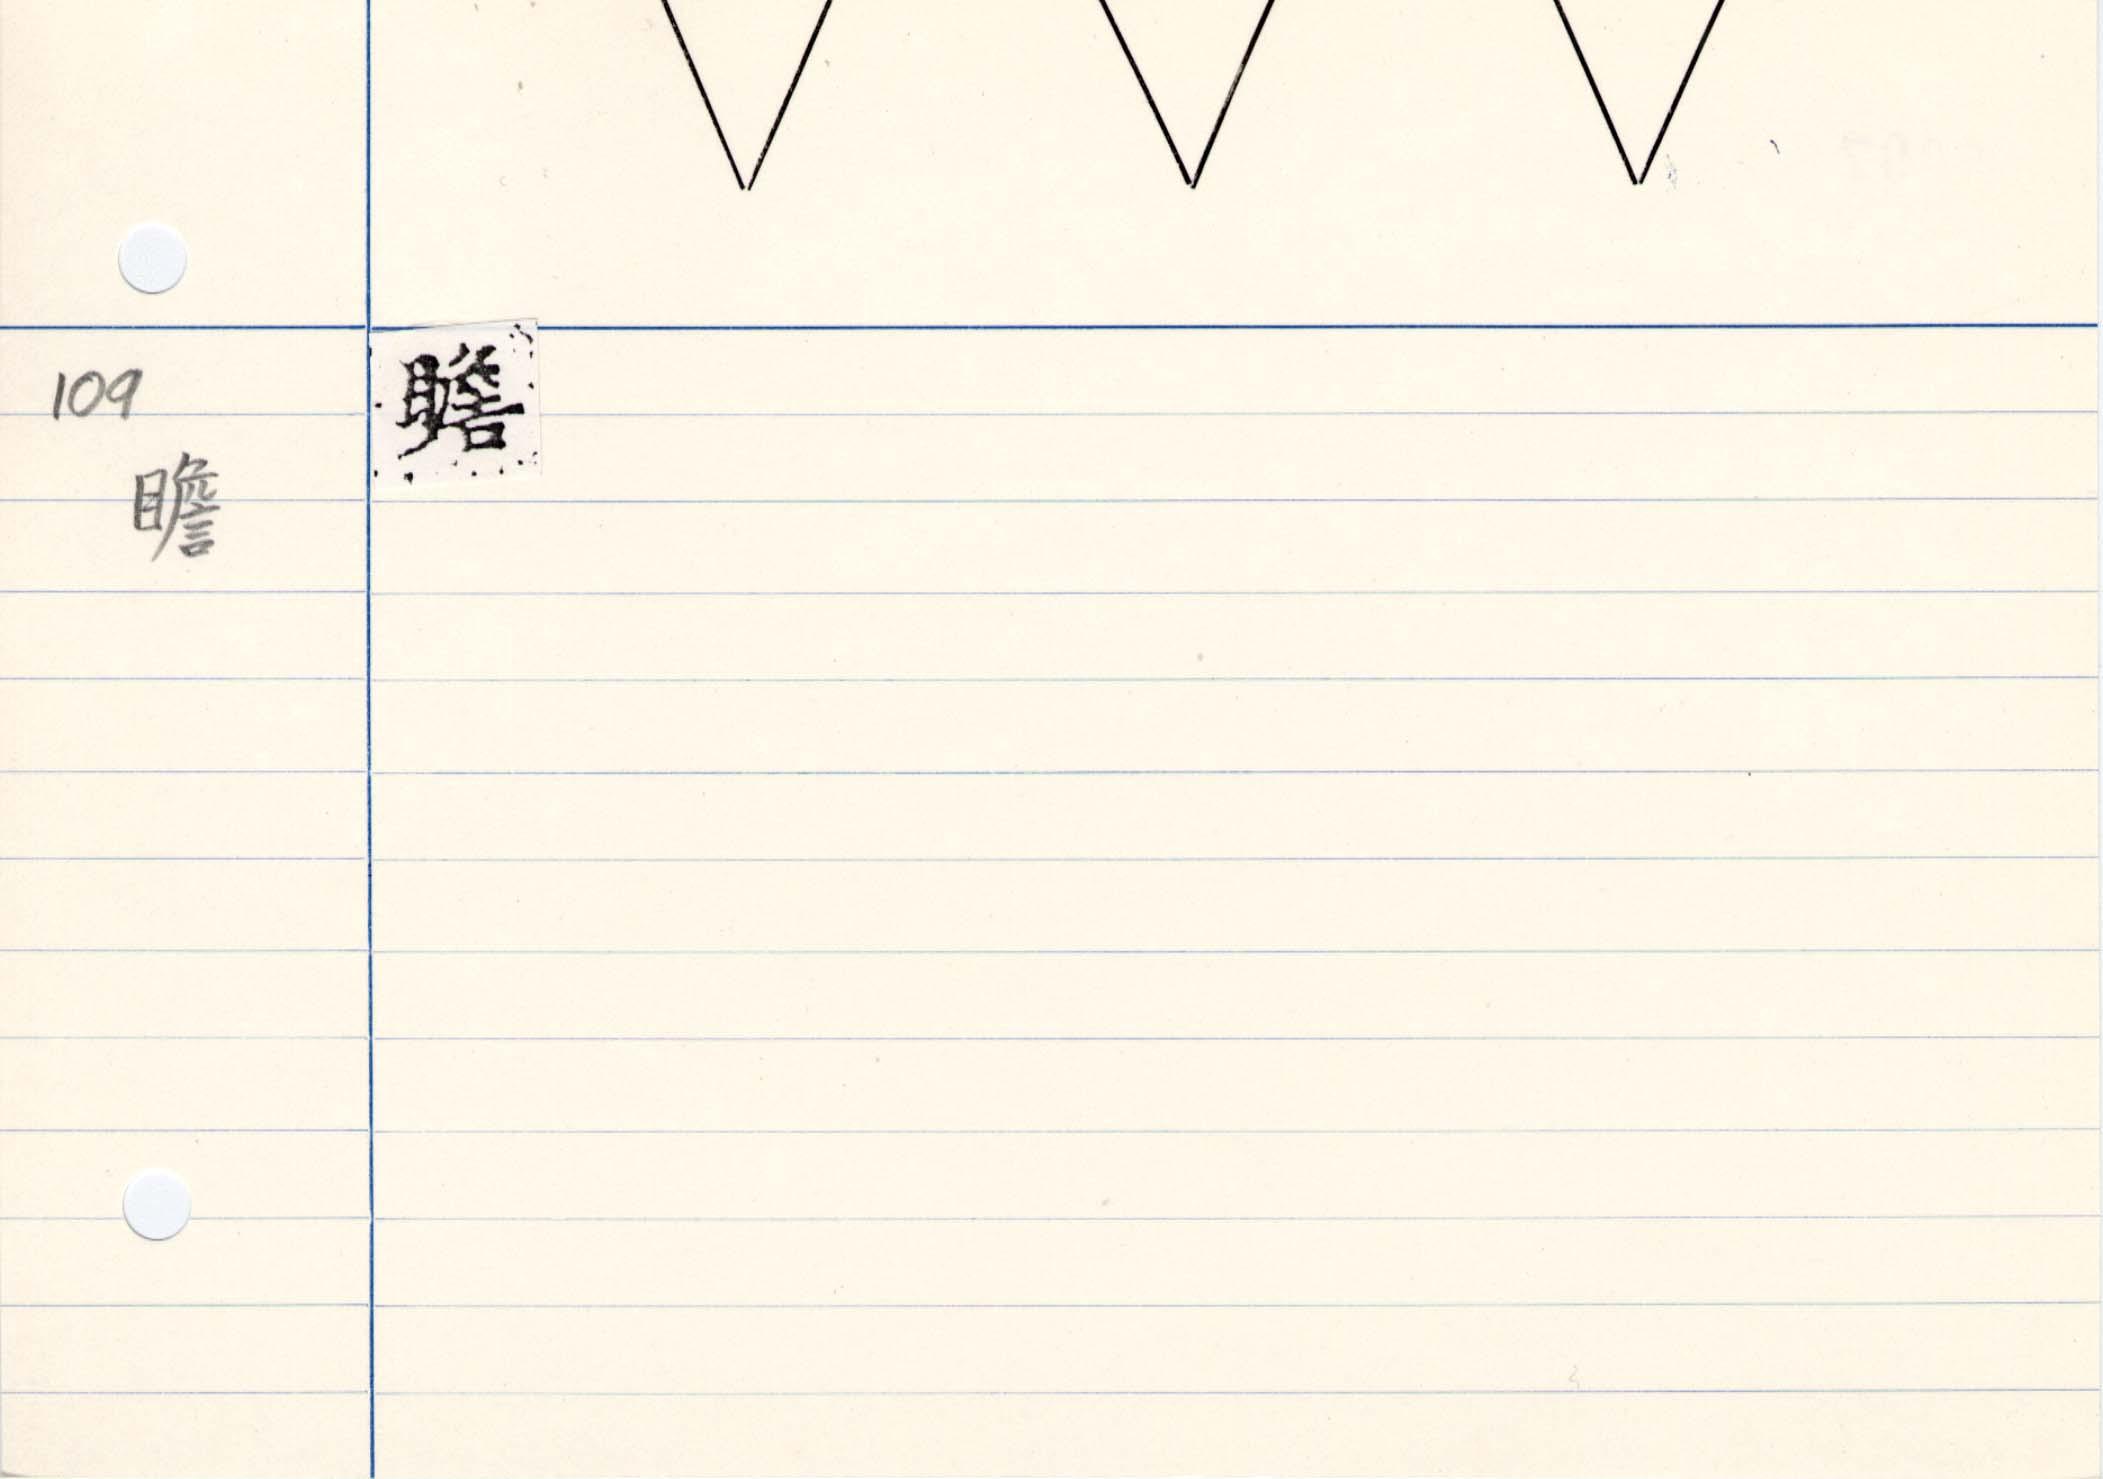 11_妙法蓮華經卷三(守屋本)/cards/0097.jpg